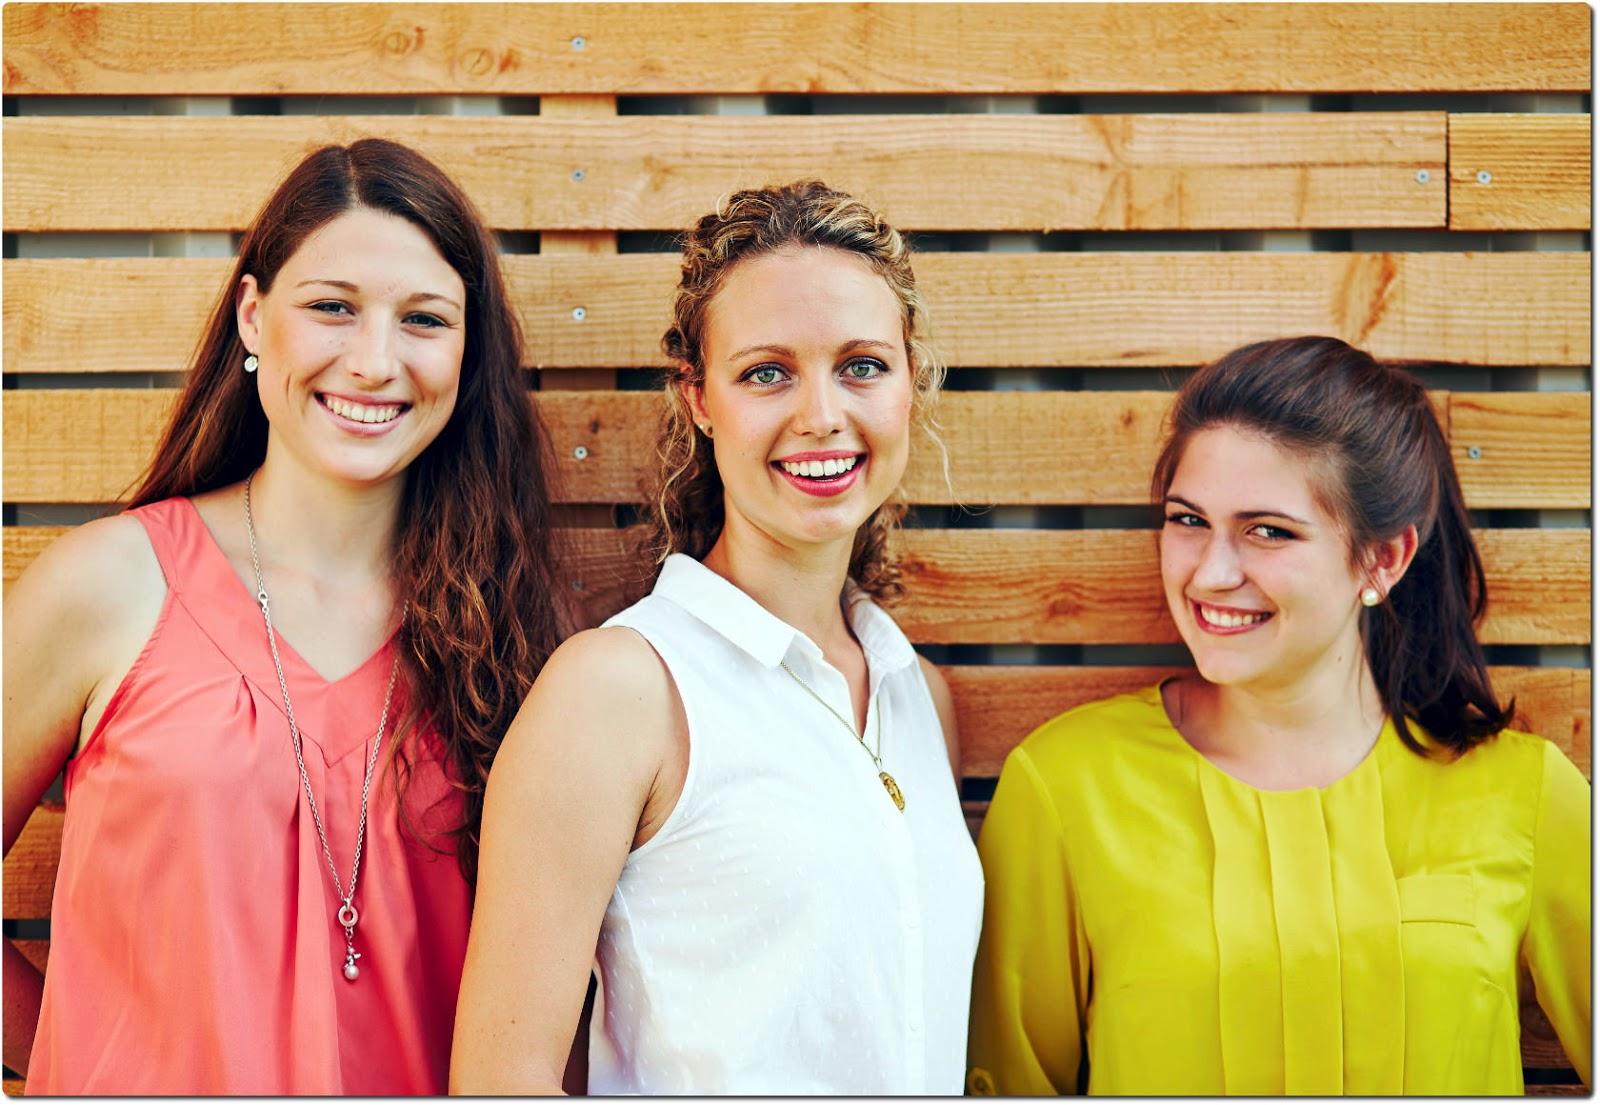 Die Kandidatinnen (v. l.): Laura Weber (Monzingen), Victoria Gaenz (Guldental) und Elisa Marie Reichardt (Weiler bei Monzingen)